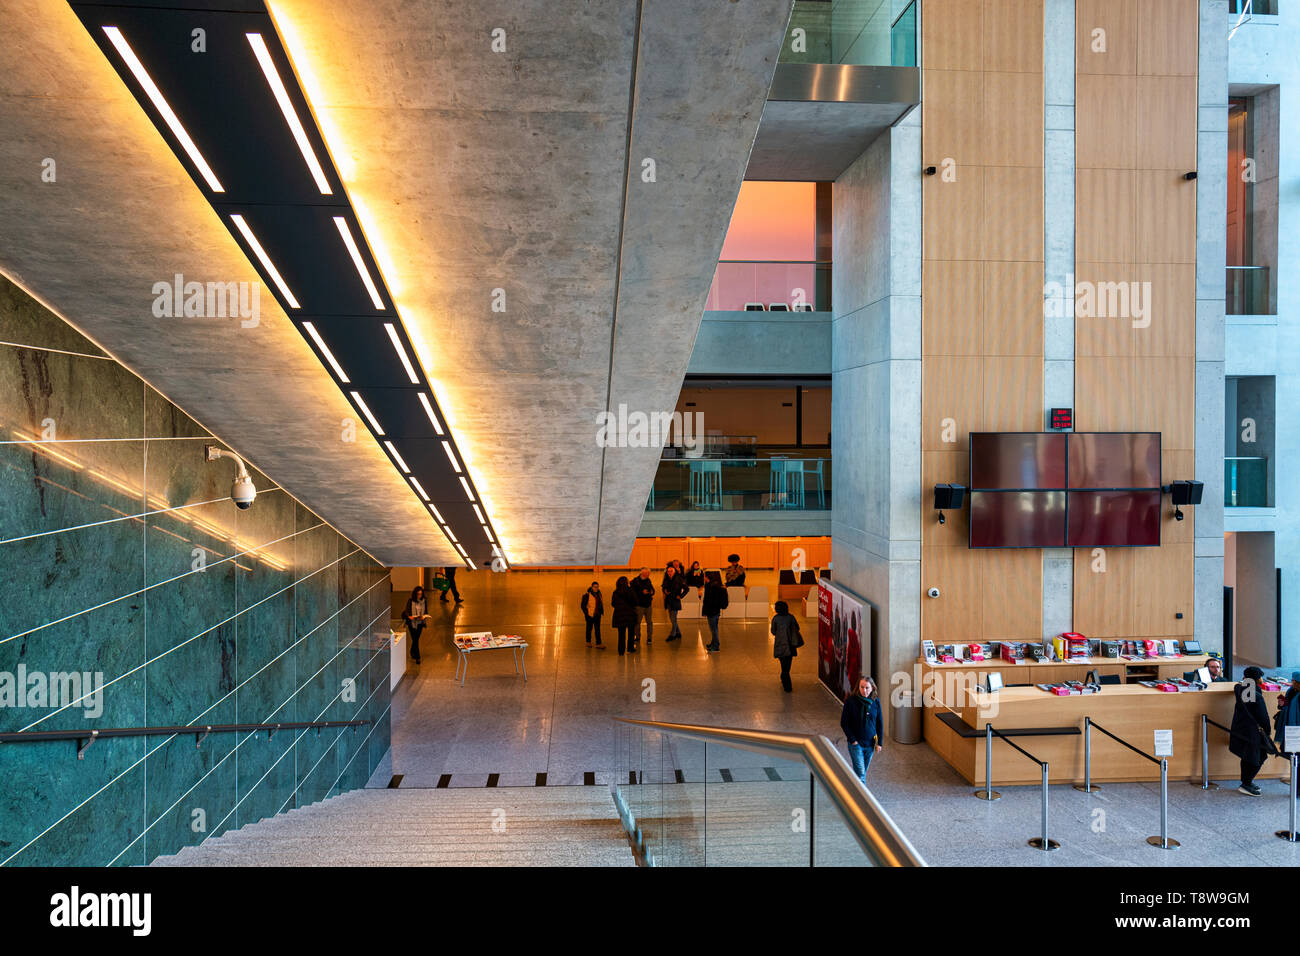 Lugano Arte e Cultura (LAC) è un centro culturale dedicato alla musica e video e performance arts inaugurato nel 2015 a Lugano, Svizzera. Il centro LAC Immagini Stock